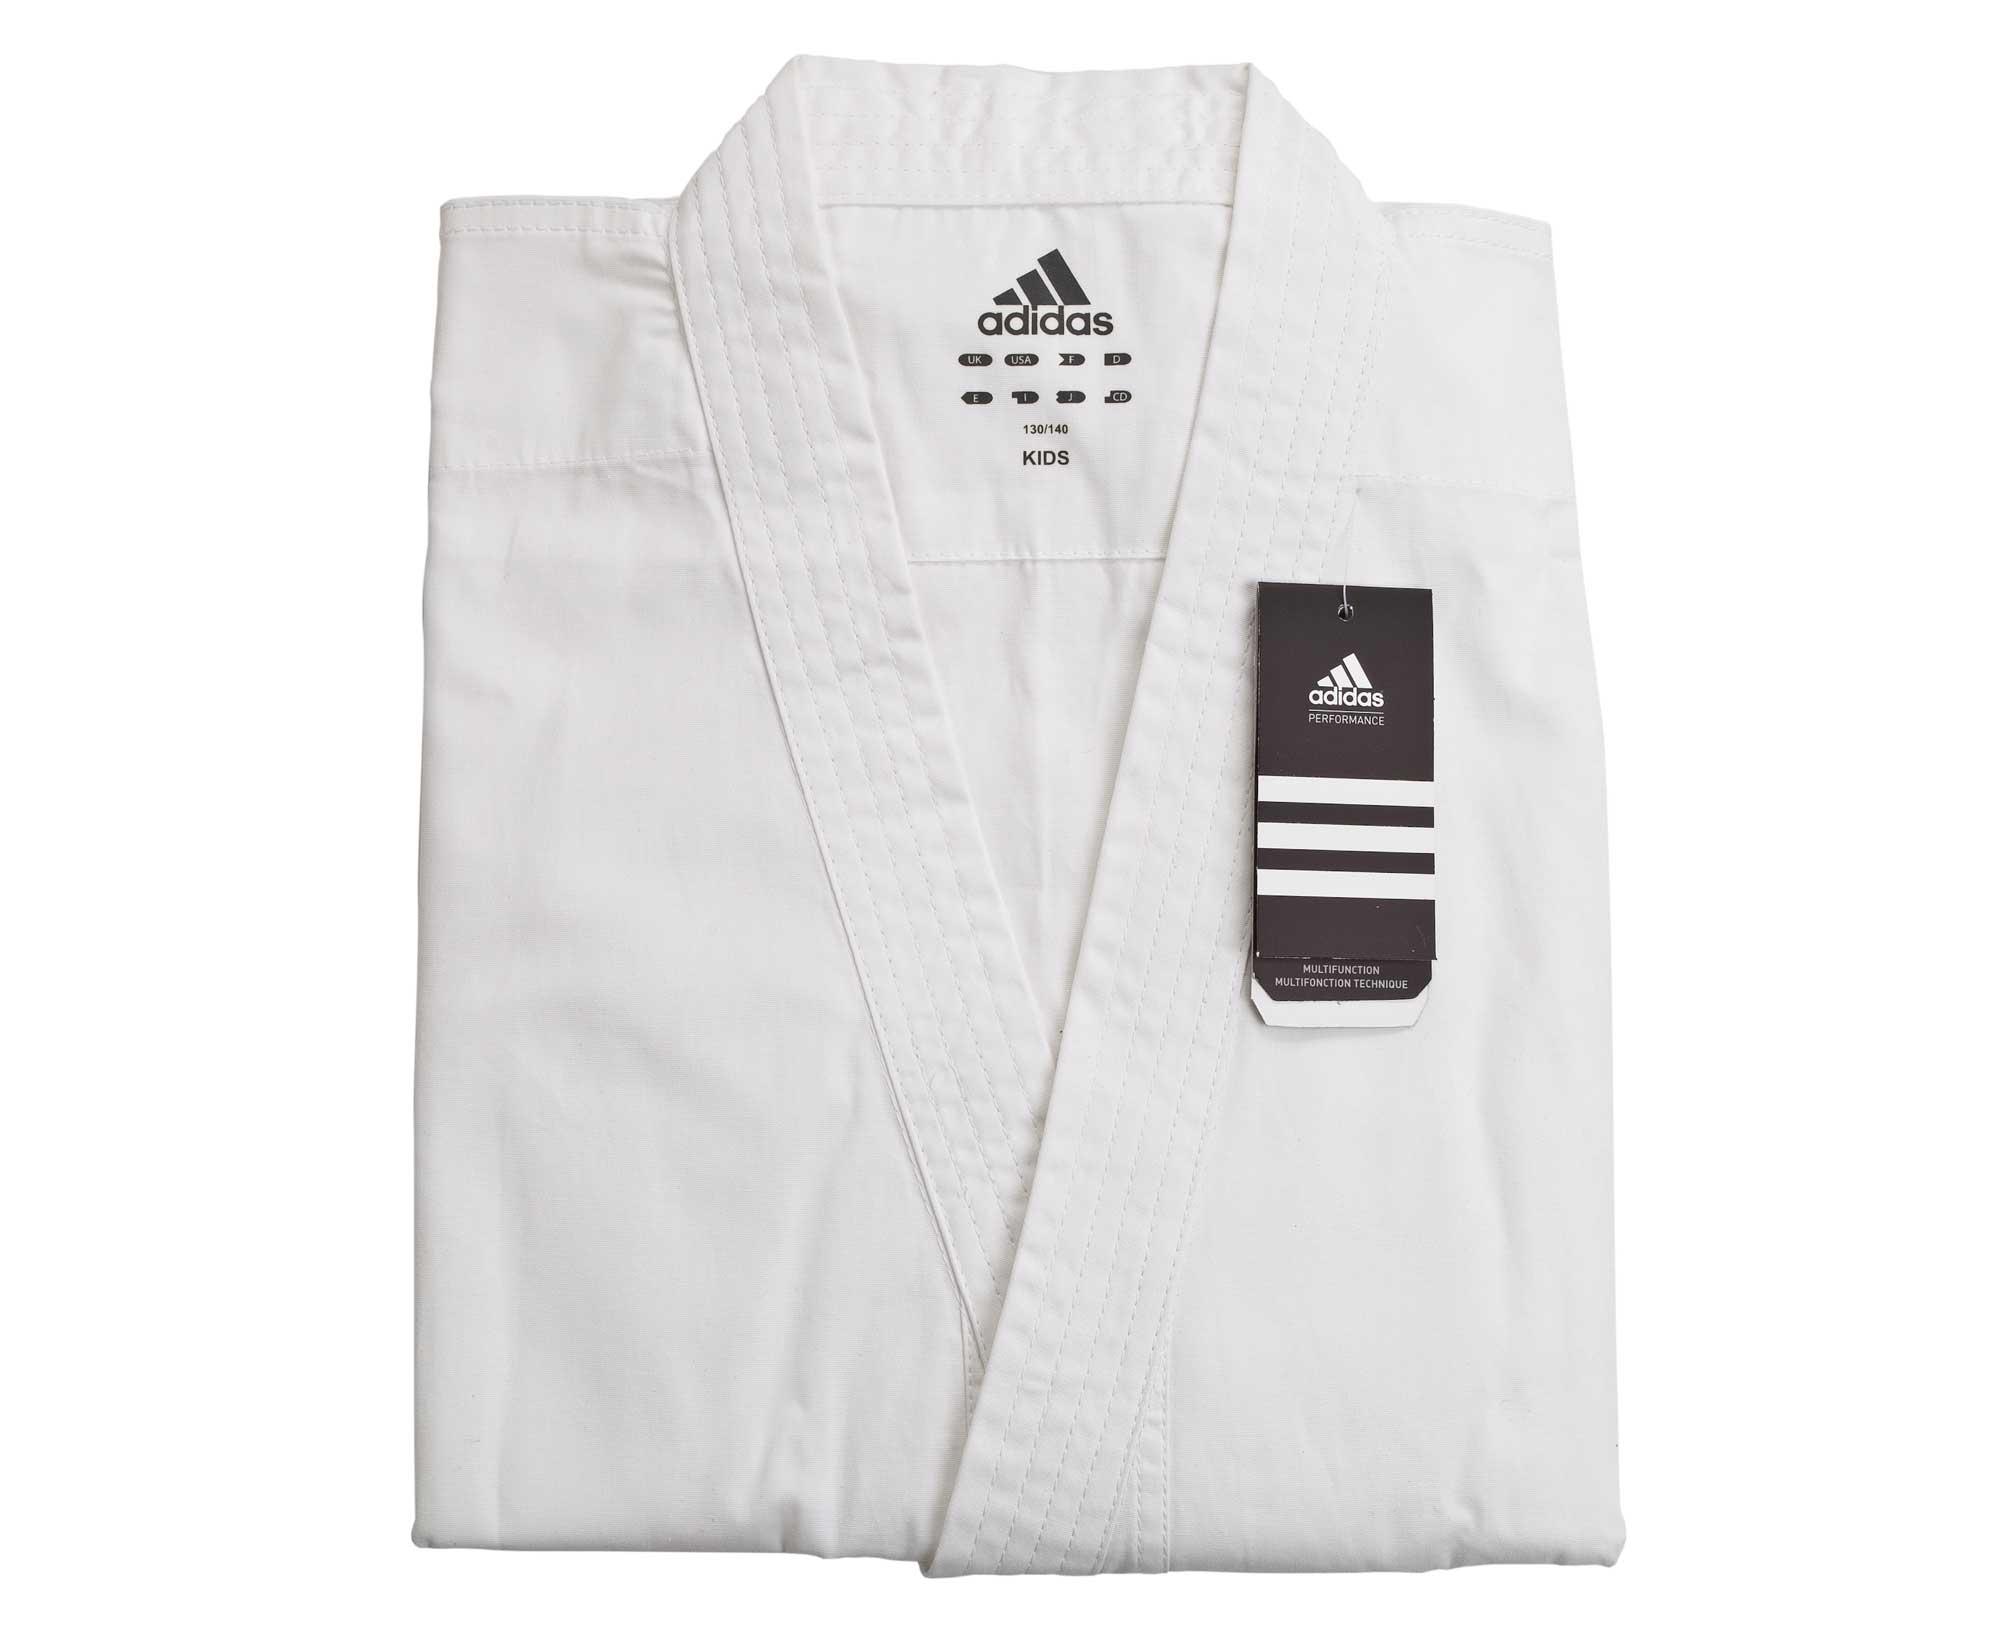 адидас кидс кимоно для карате - Магазин Karate.ru. Официальный ... 31187e52e6b